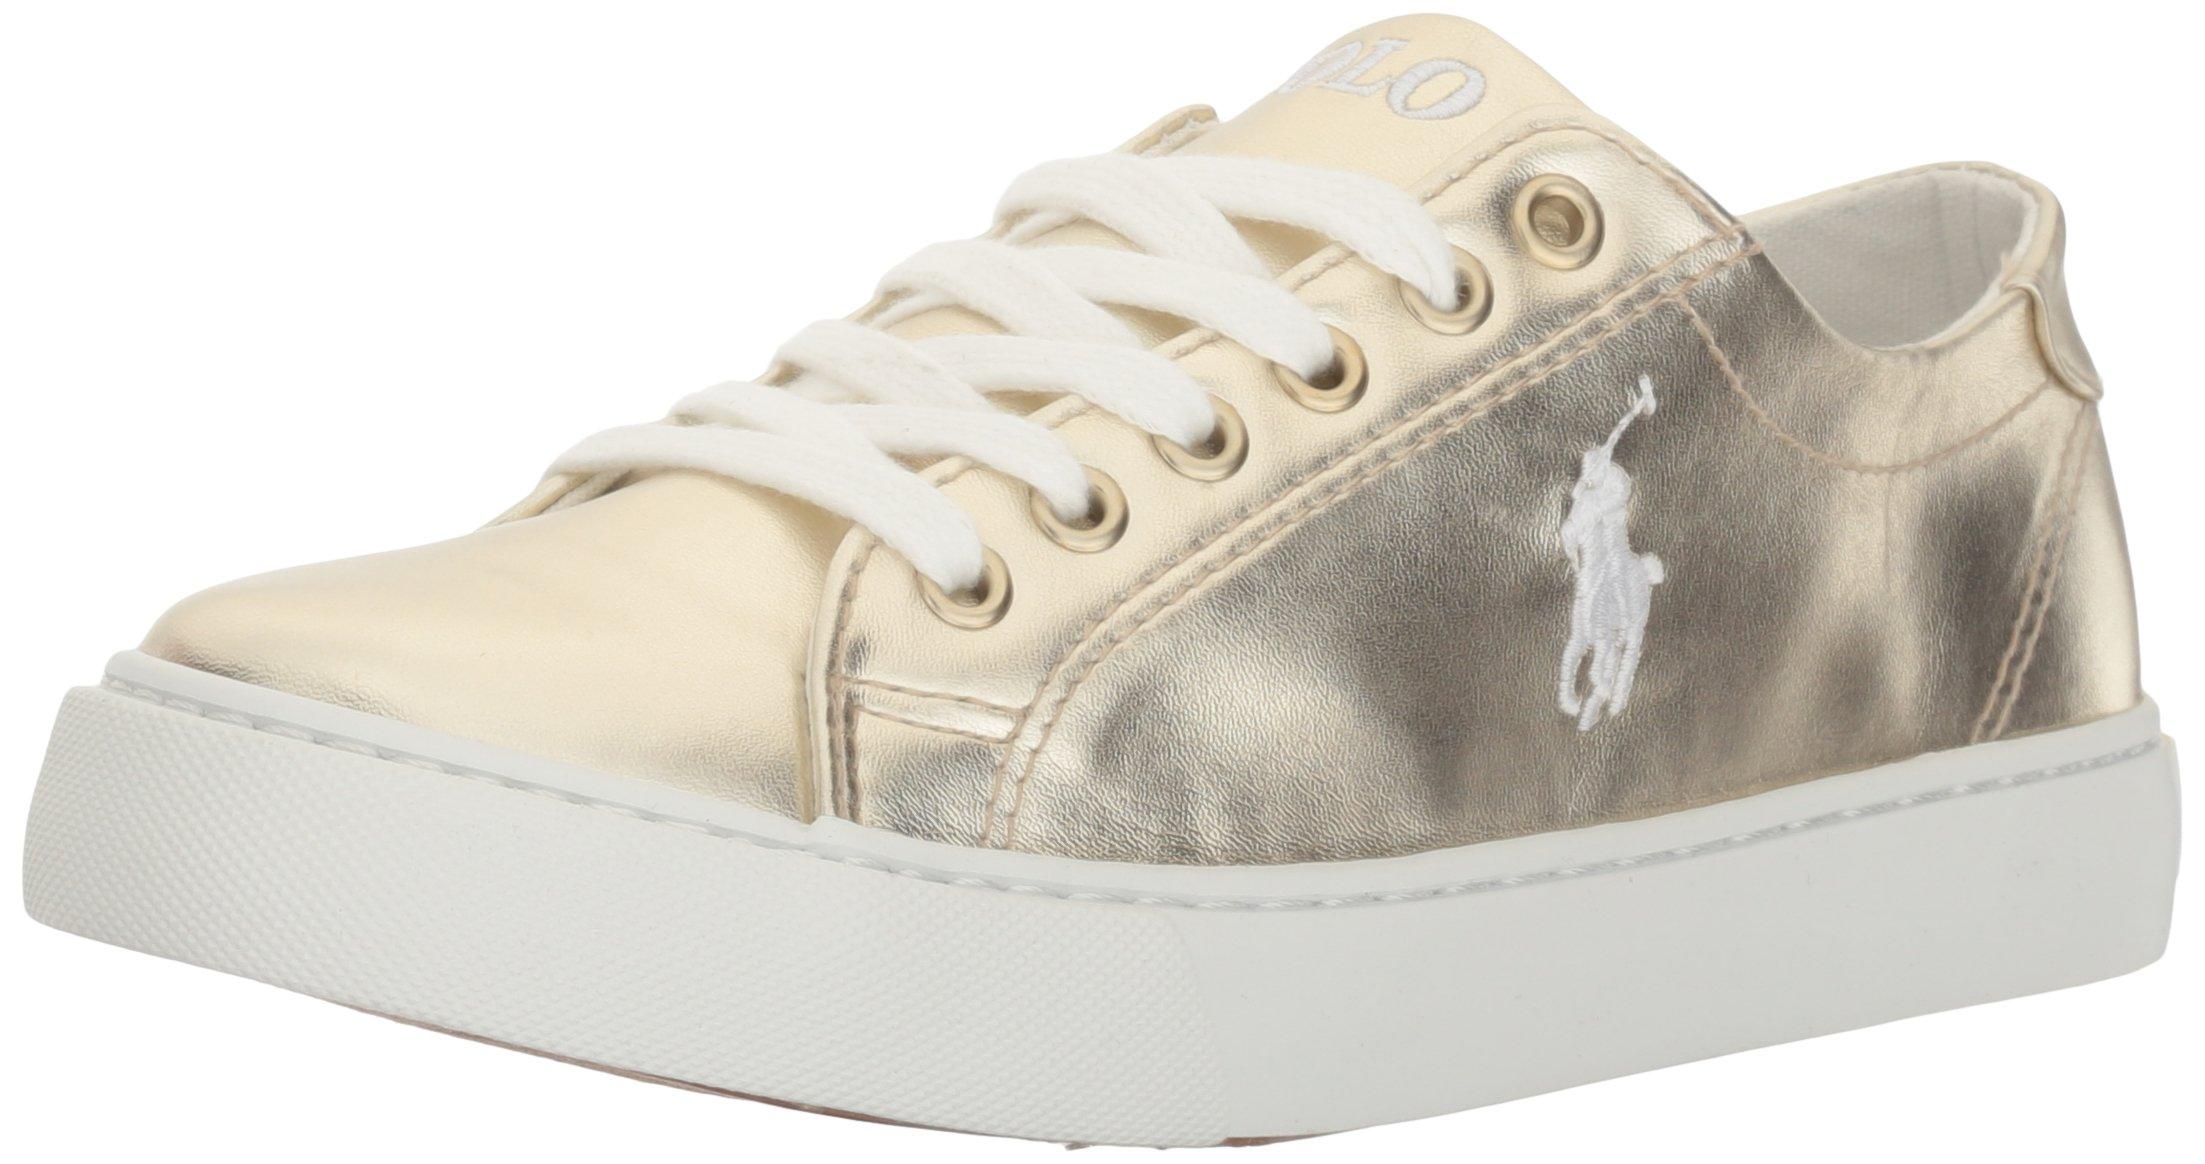 03e554b68edf Galleon - Polo Ralph Lauren Kids Boys  Slater Sneaker